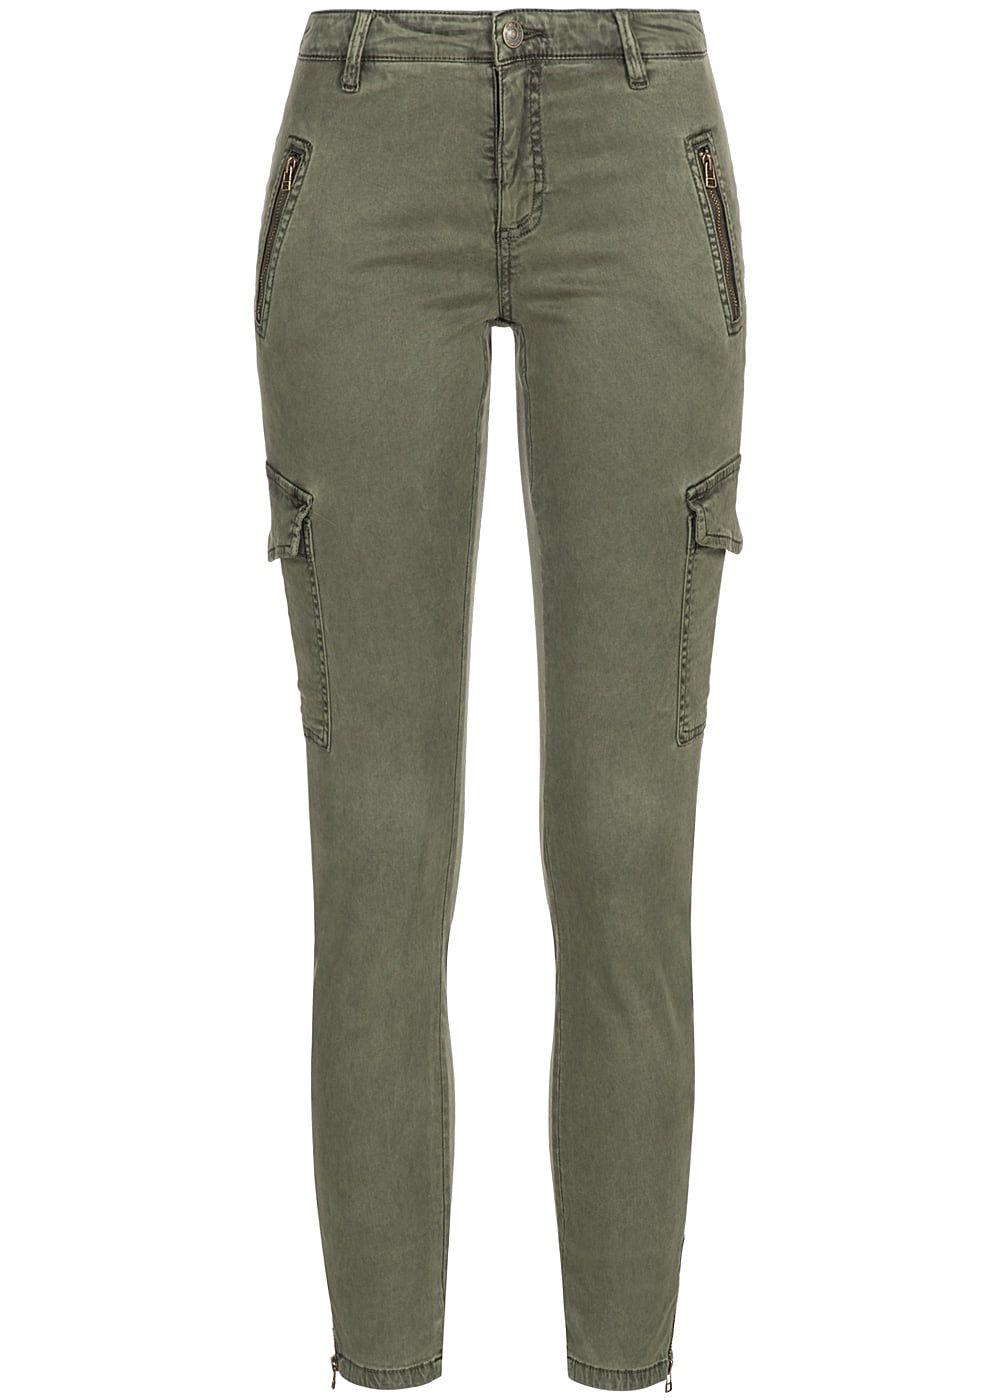 only damen cargo jeans hose 4 pockets 2 deko taschen hinten tarmac olive gr n 77onlineshop. Black Bedroom Furniture Sets. Home Design Ideas